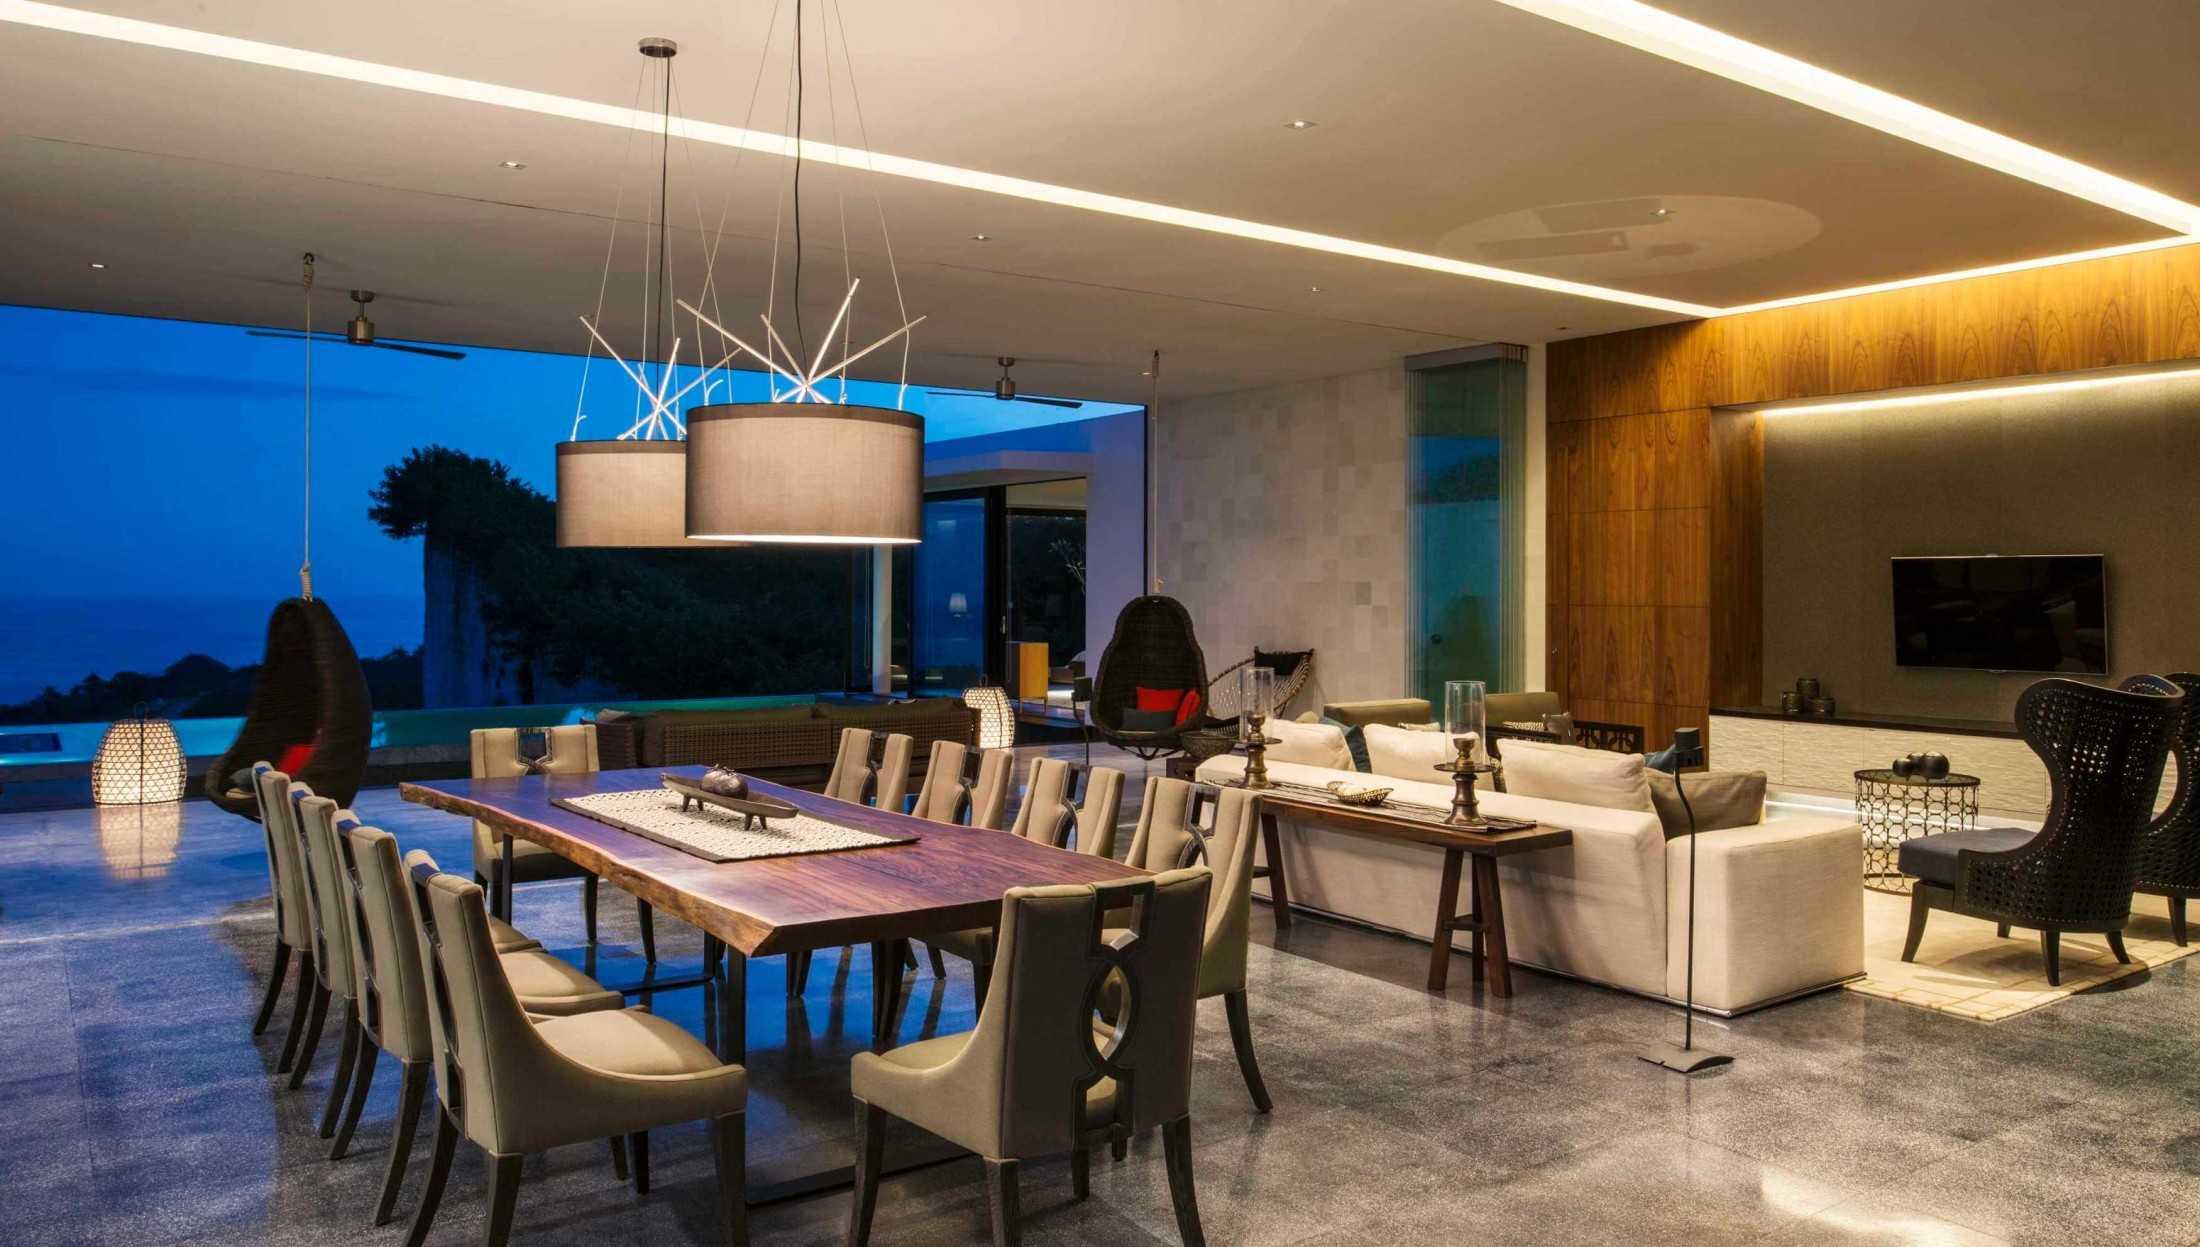 Open-plan ruang keluarga, ruang makan, dan dapur disuguhi keindahan Samudera Indonesia (Sumber: arsitag.com)